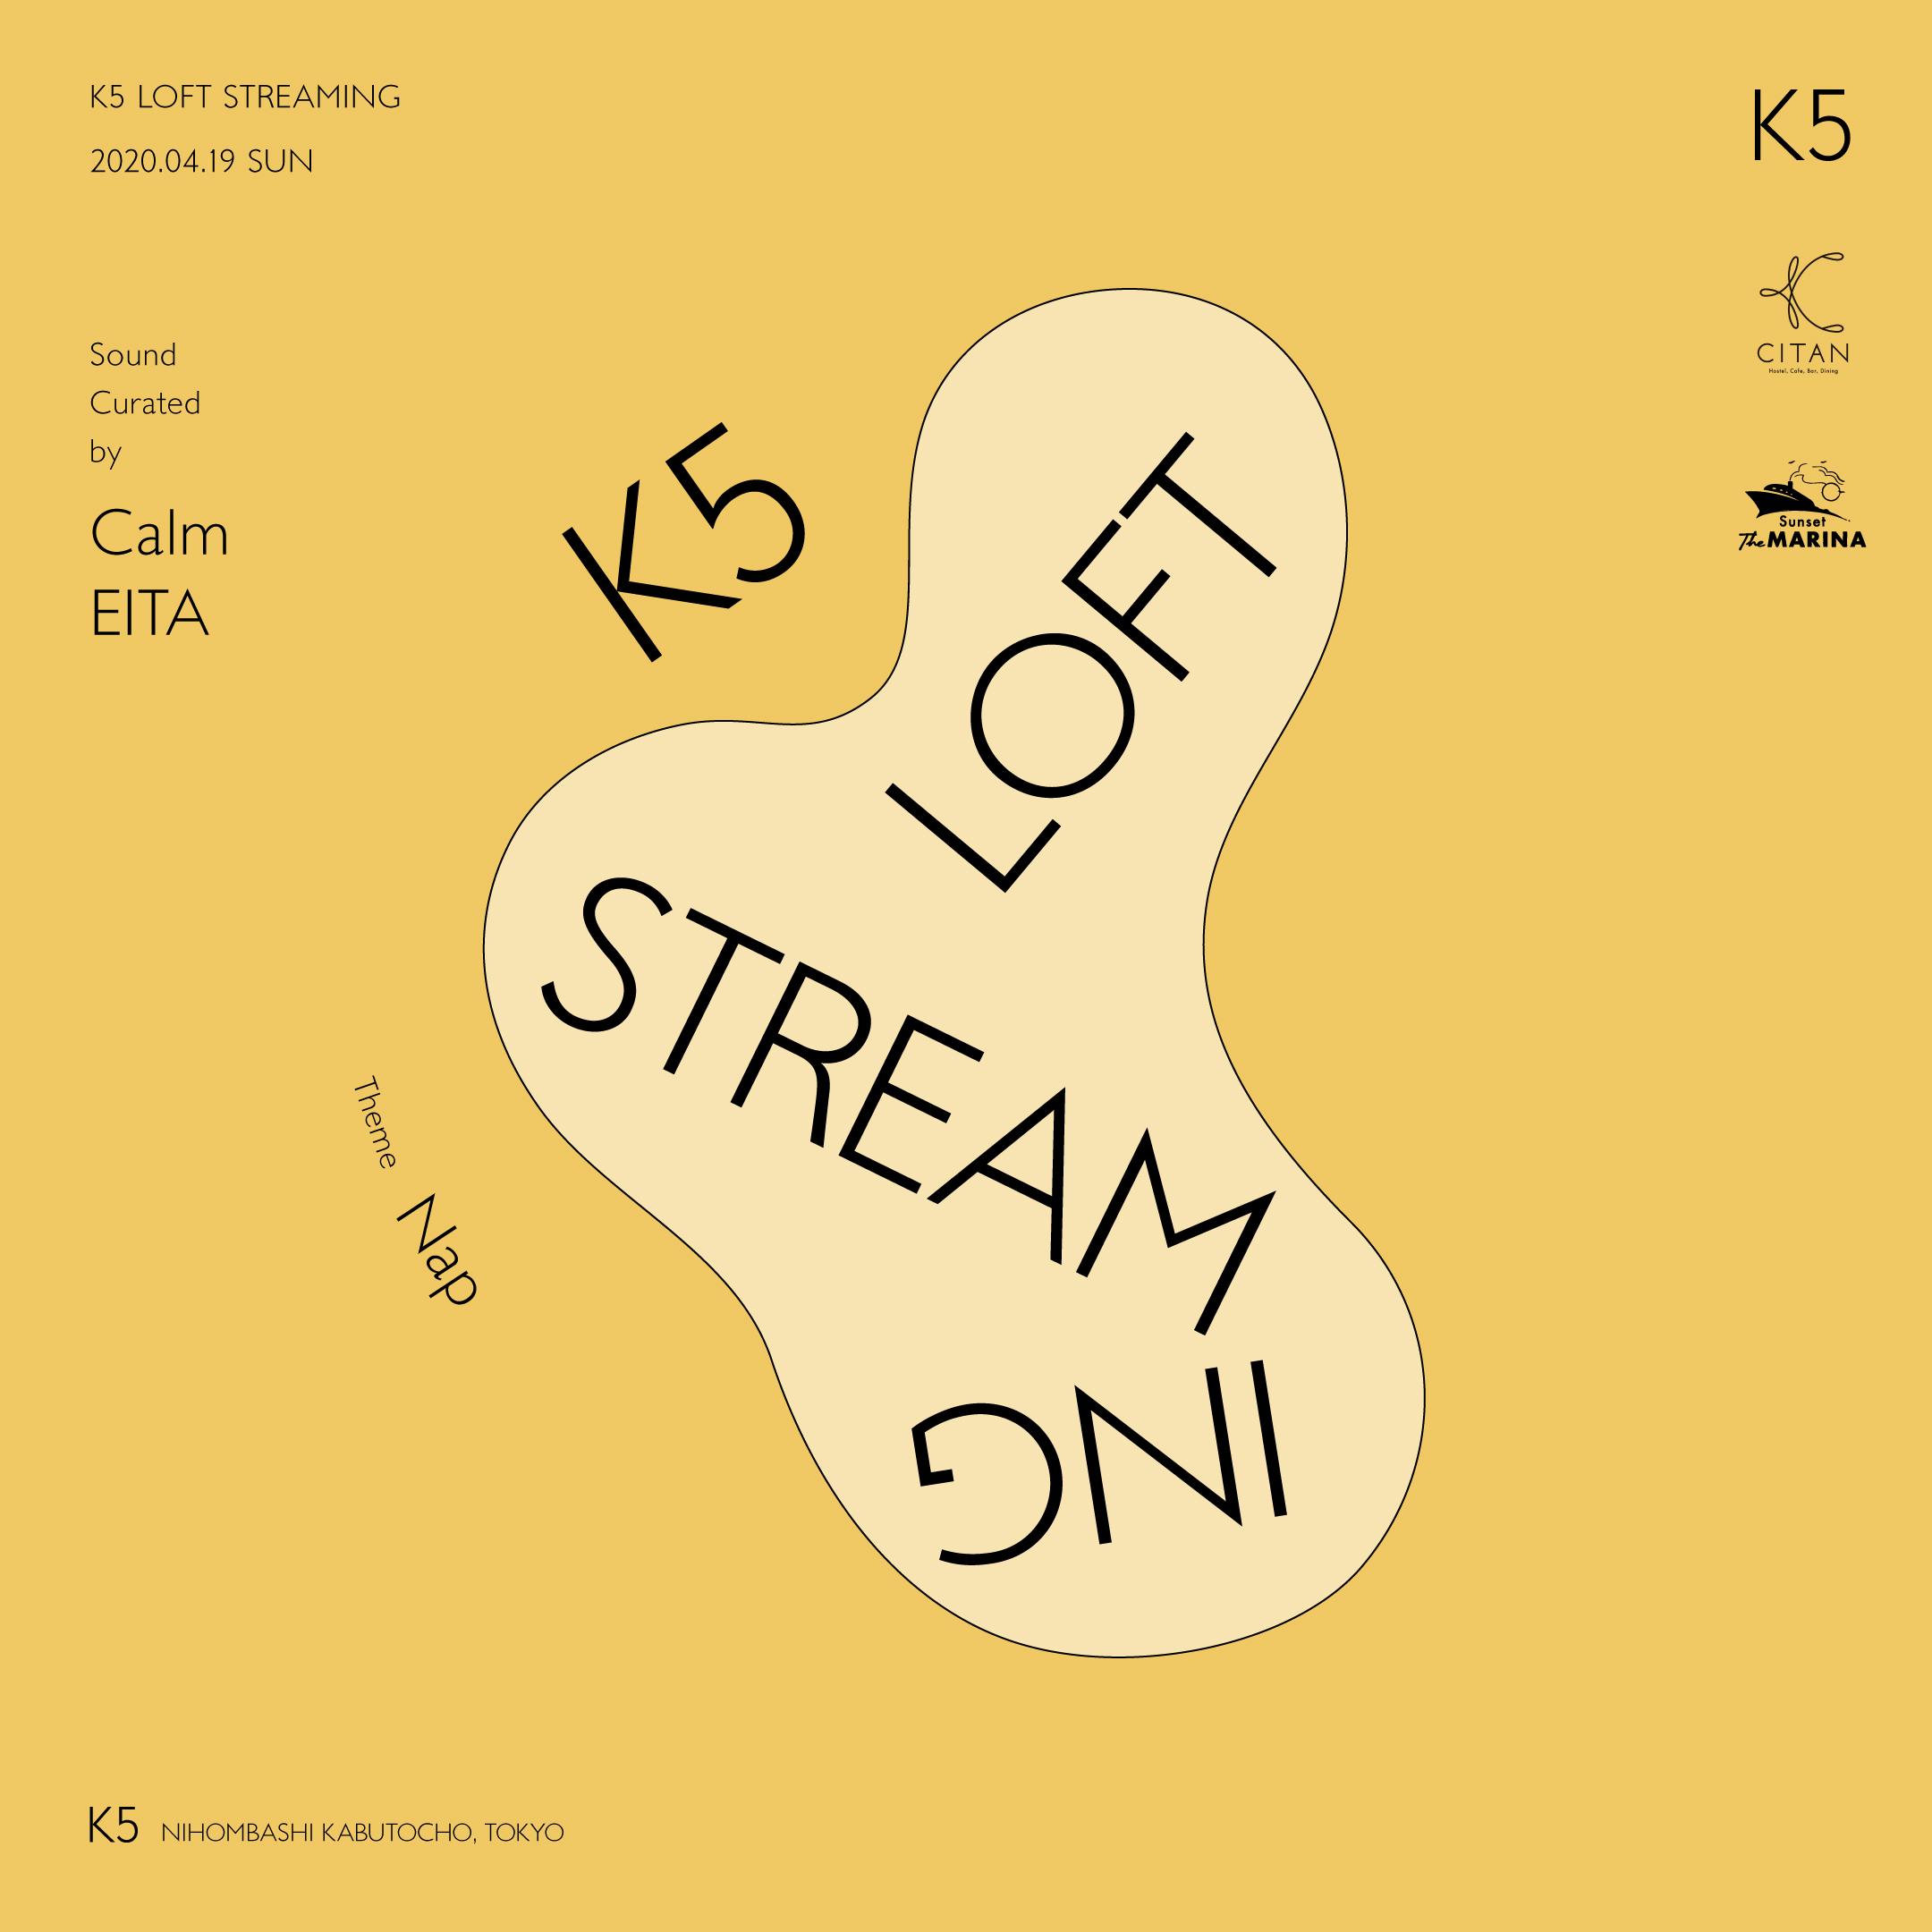 K5 LOFT STREAMING